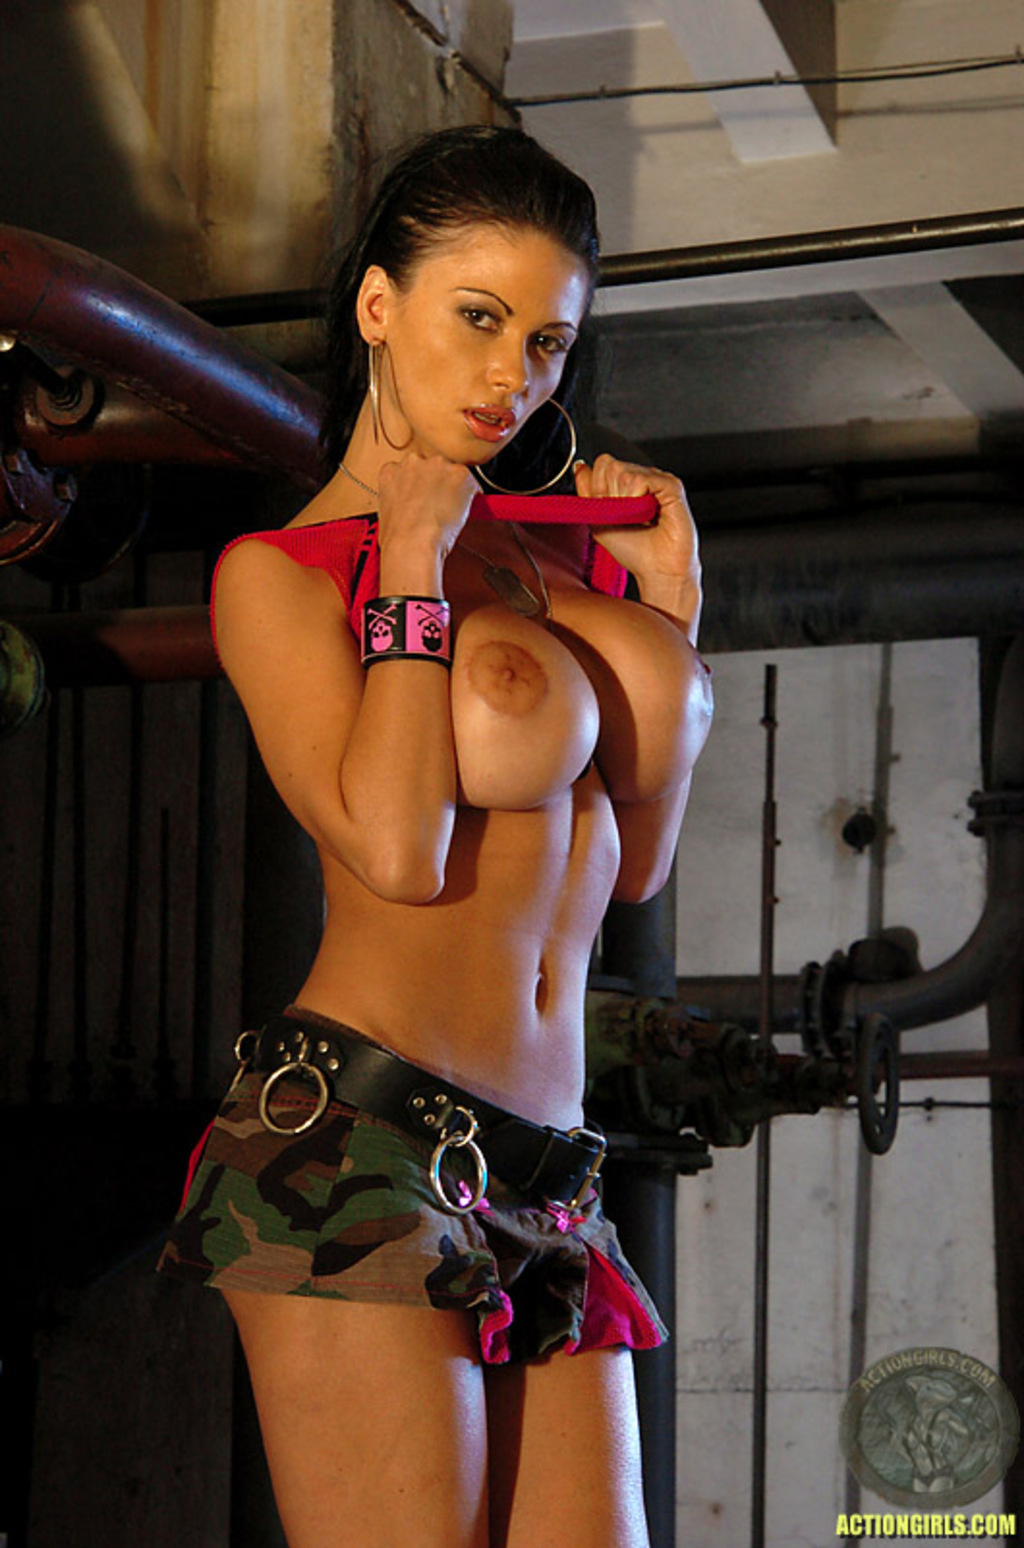 Zdjęcie porno - 0412 - Hardcorowa brunetka